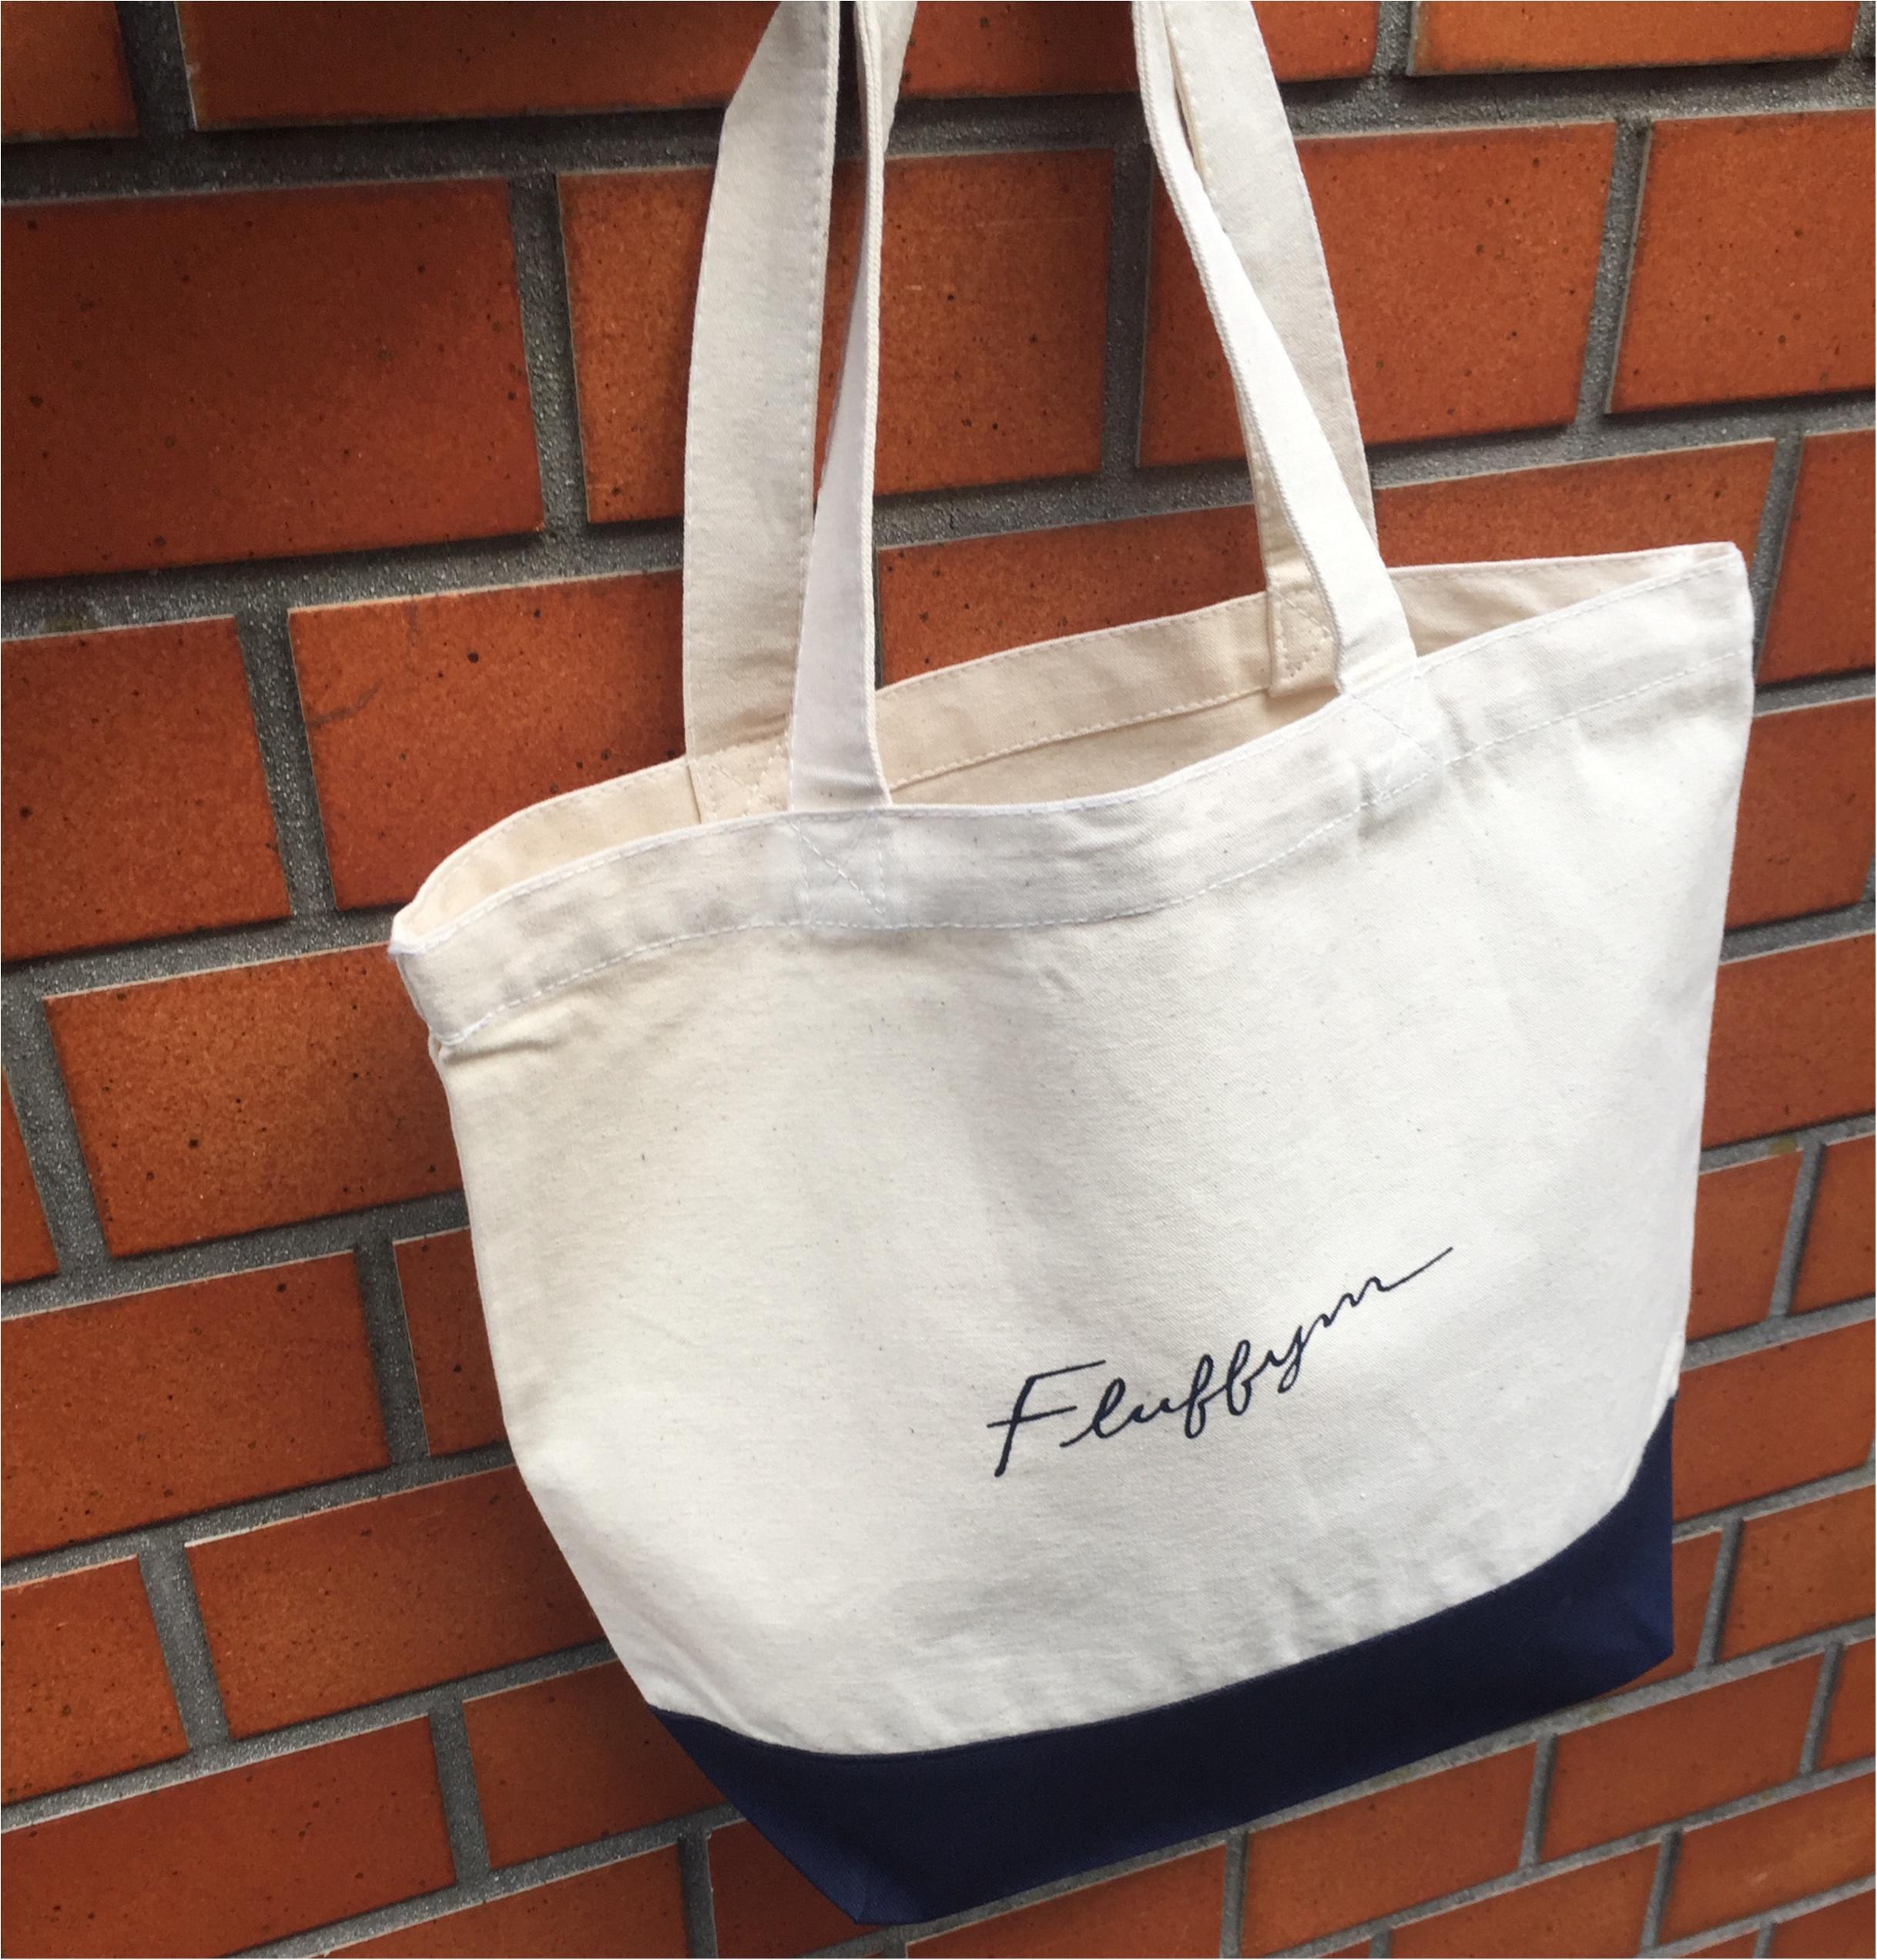 【7/16・17限定!】田中美保ちゃん監修ブランド『Fluffym』が、原宿にポップアップストアをオープン☆_2